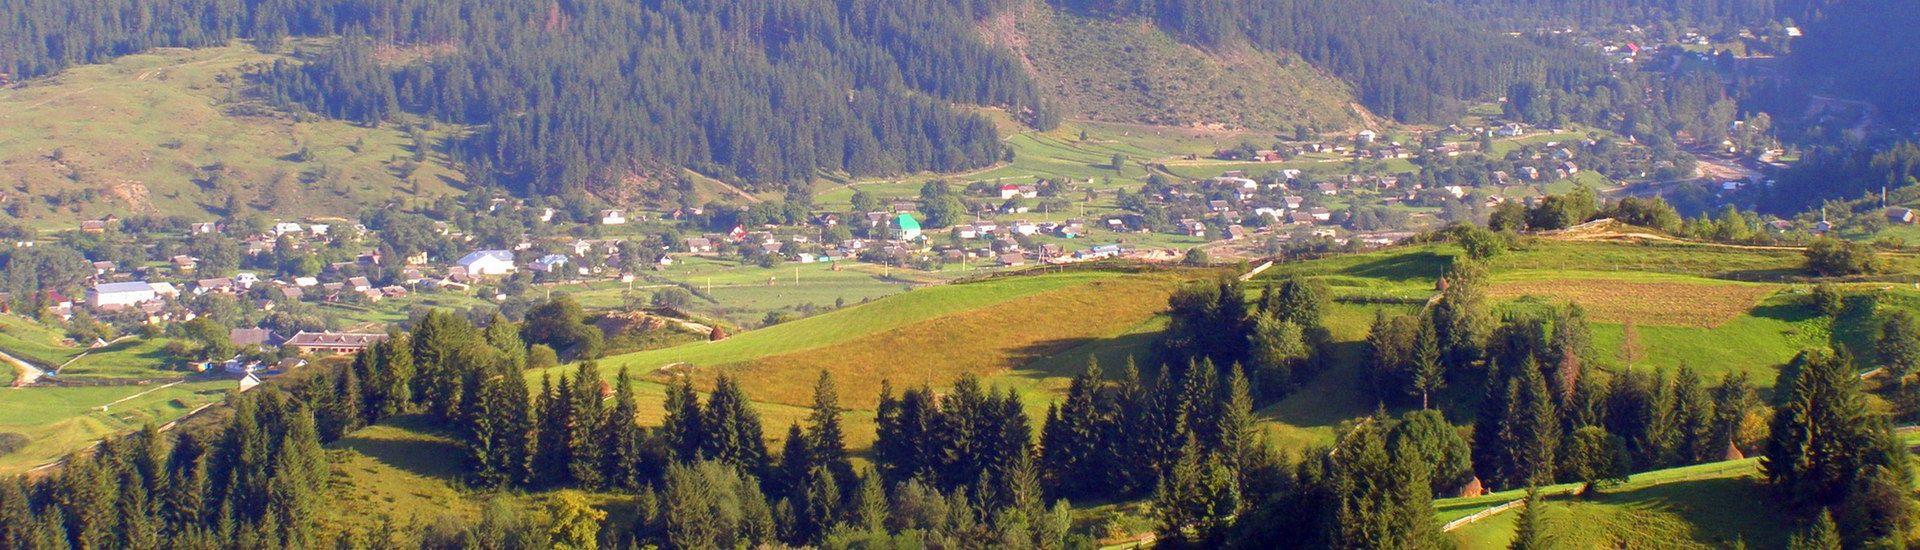 Верховинський район, панорама села Яблуниця